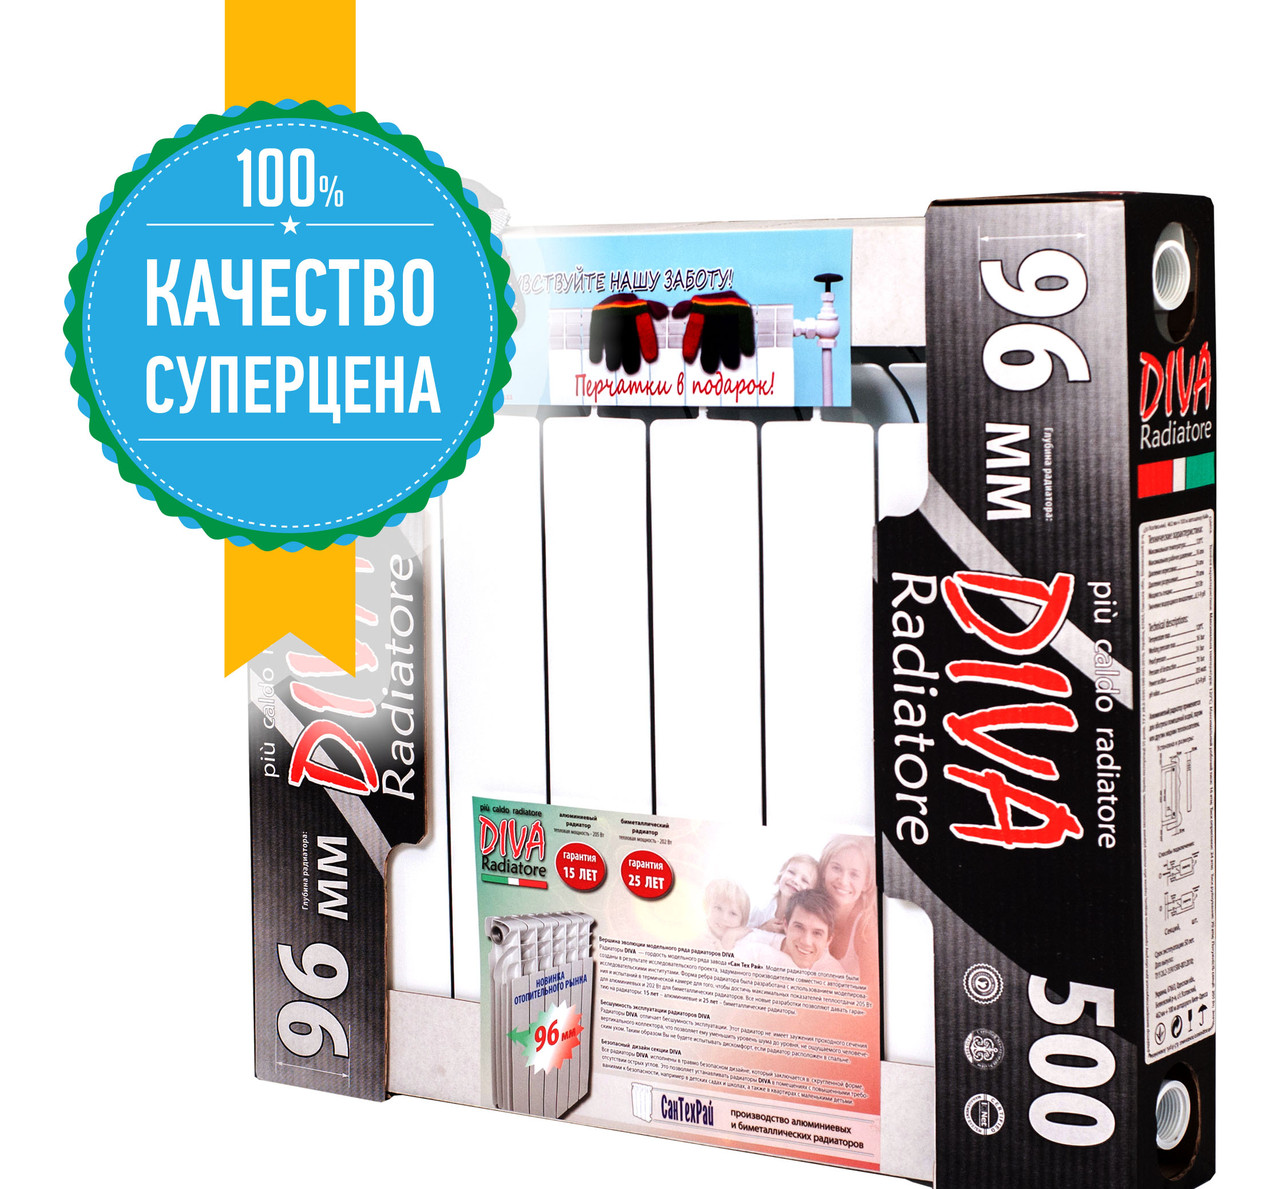 Радиатор Diva 10 секций 500/96 алюминиевый  - Troynik.kiev.ua - отопление и водоснабжение, Киев в Киеве